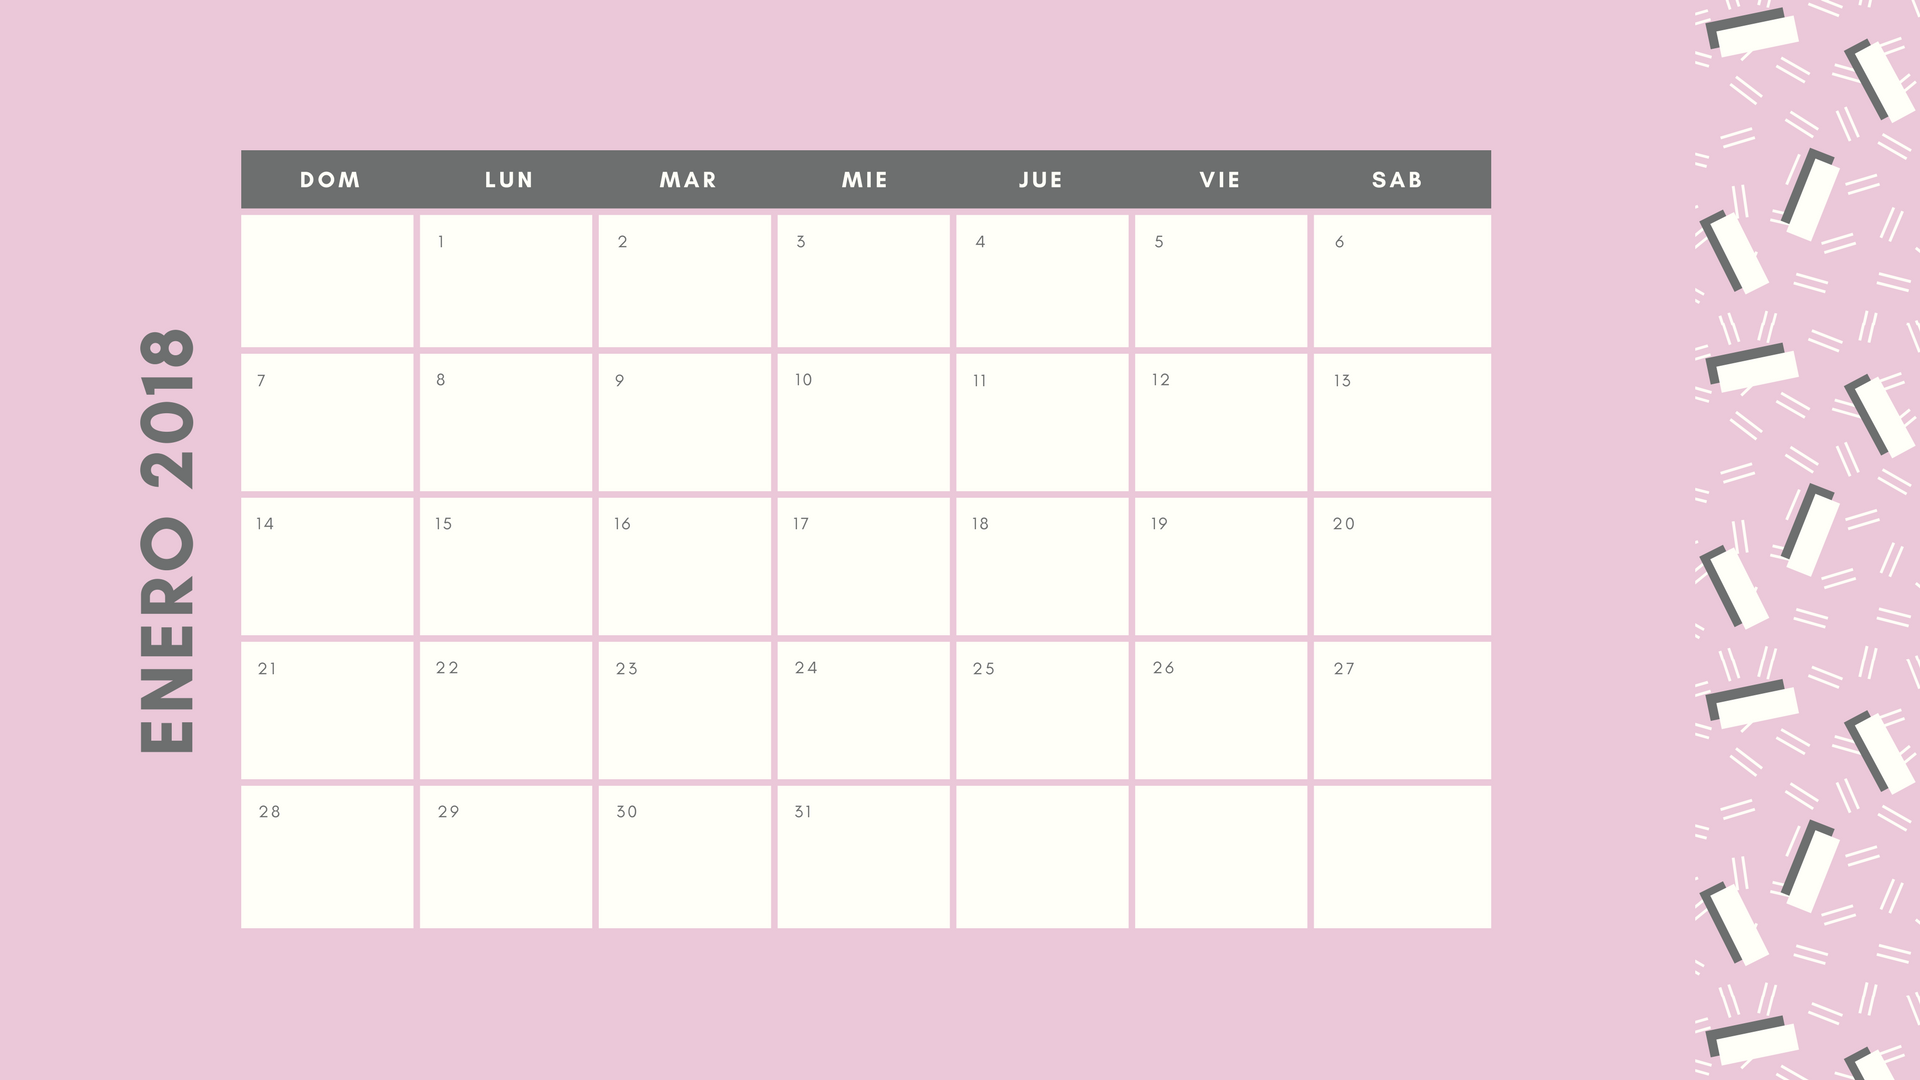 Mini Calendario 2020 Para Imprimir Chile.Crea Calendarios Personalizados Online Gratis Con Canva